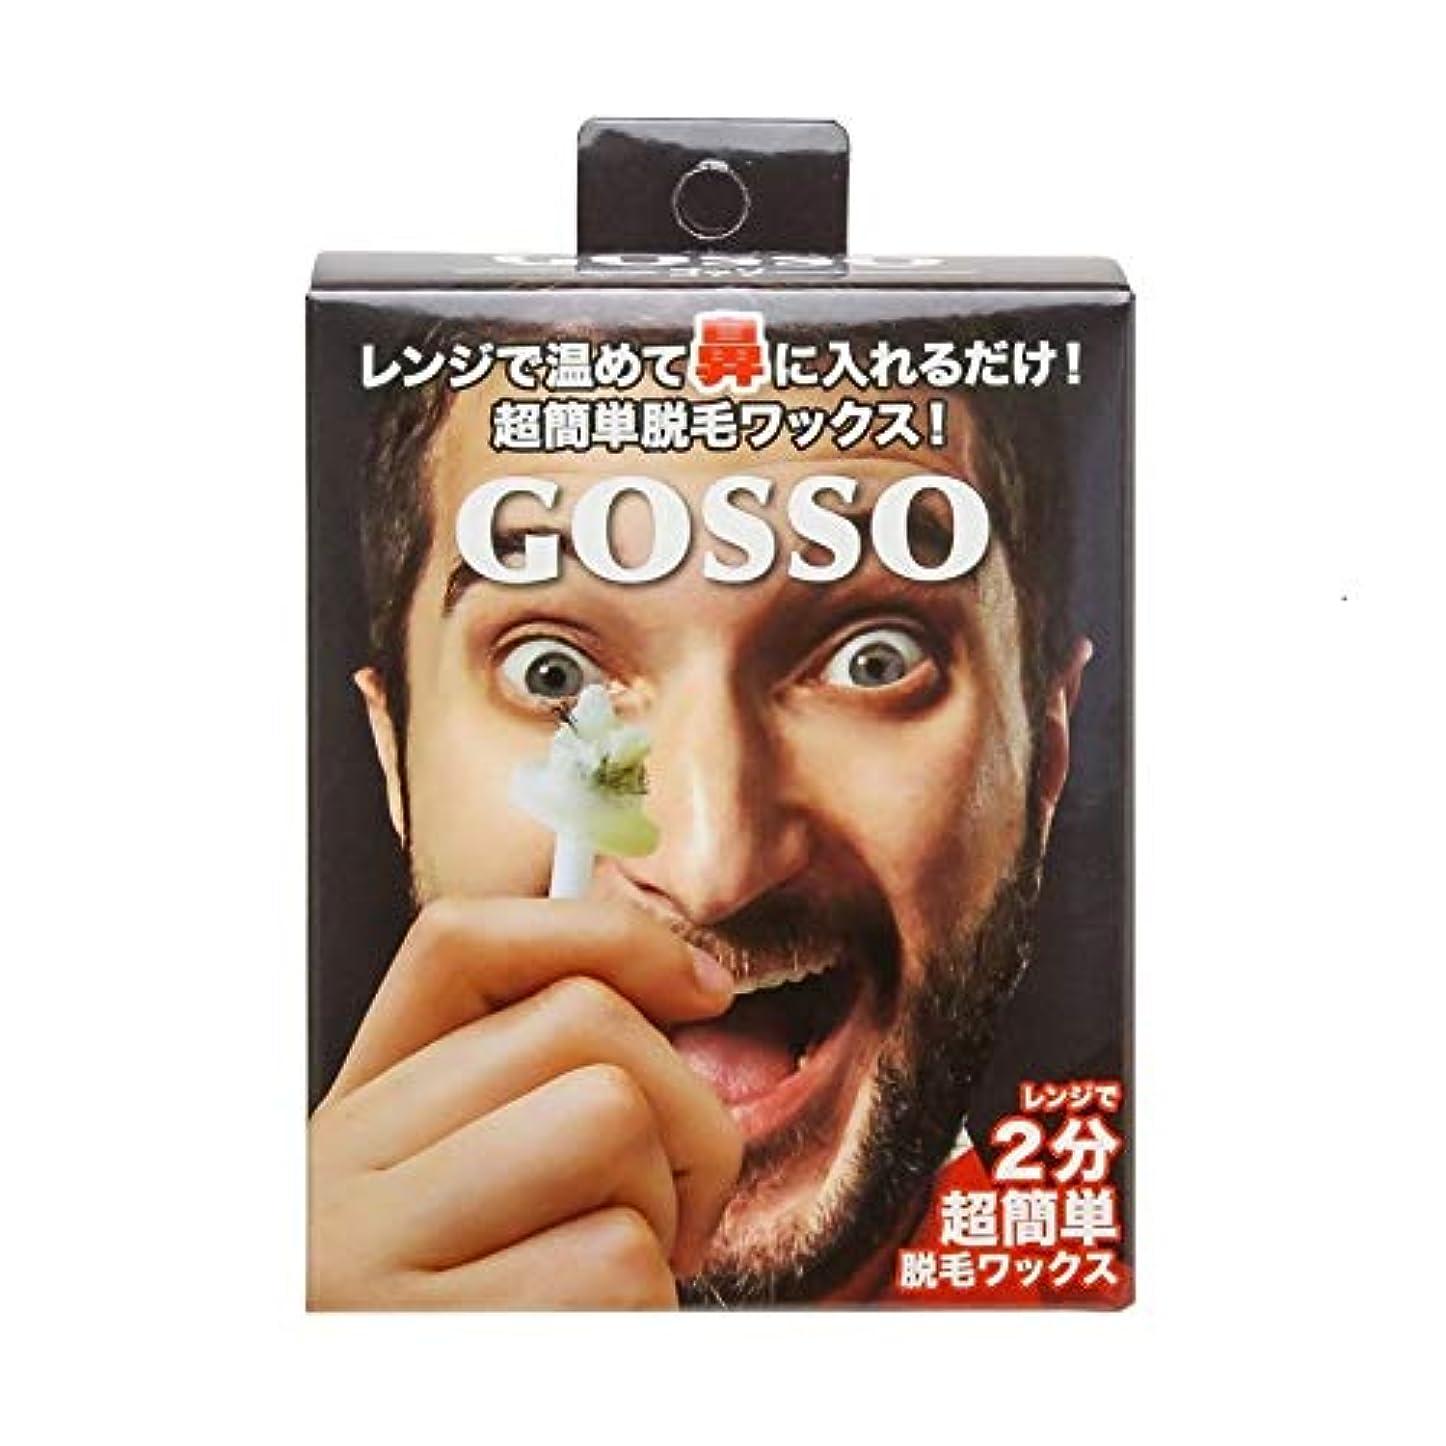 スリルマウンドプラスチックGOSSO ゴッソ (ブラジリアンワックス鼻毛脱毛セット)